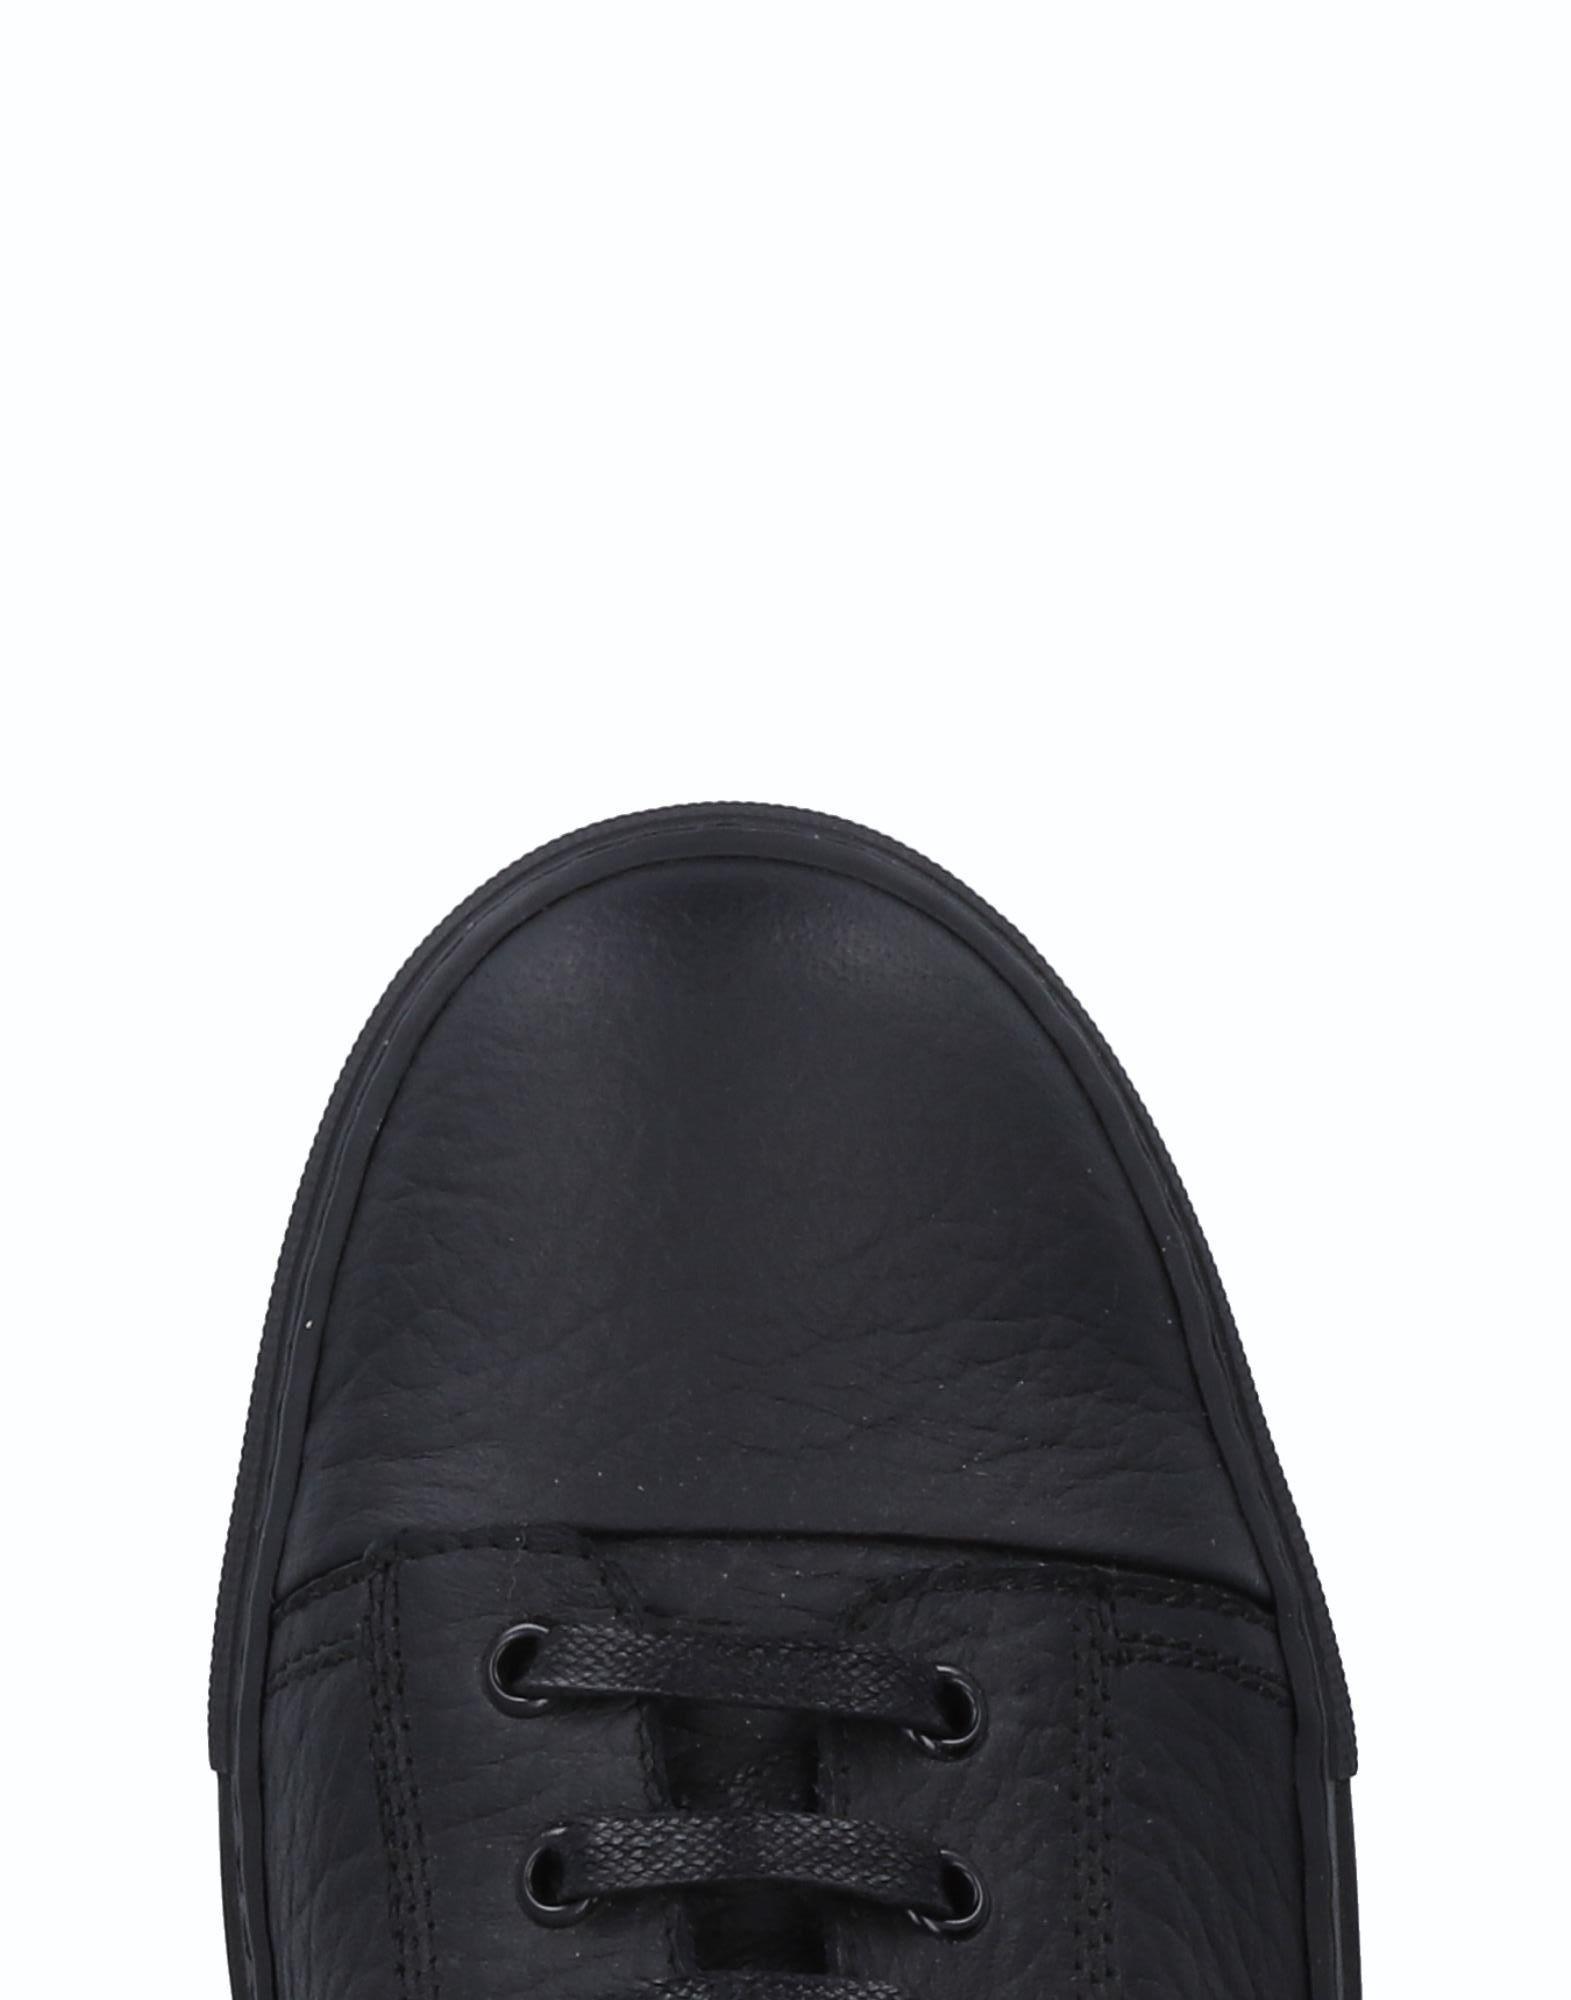 Belstaff Sneakers Herren  11503077CC Gute Qualität beliebte Schuhe